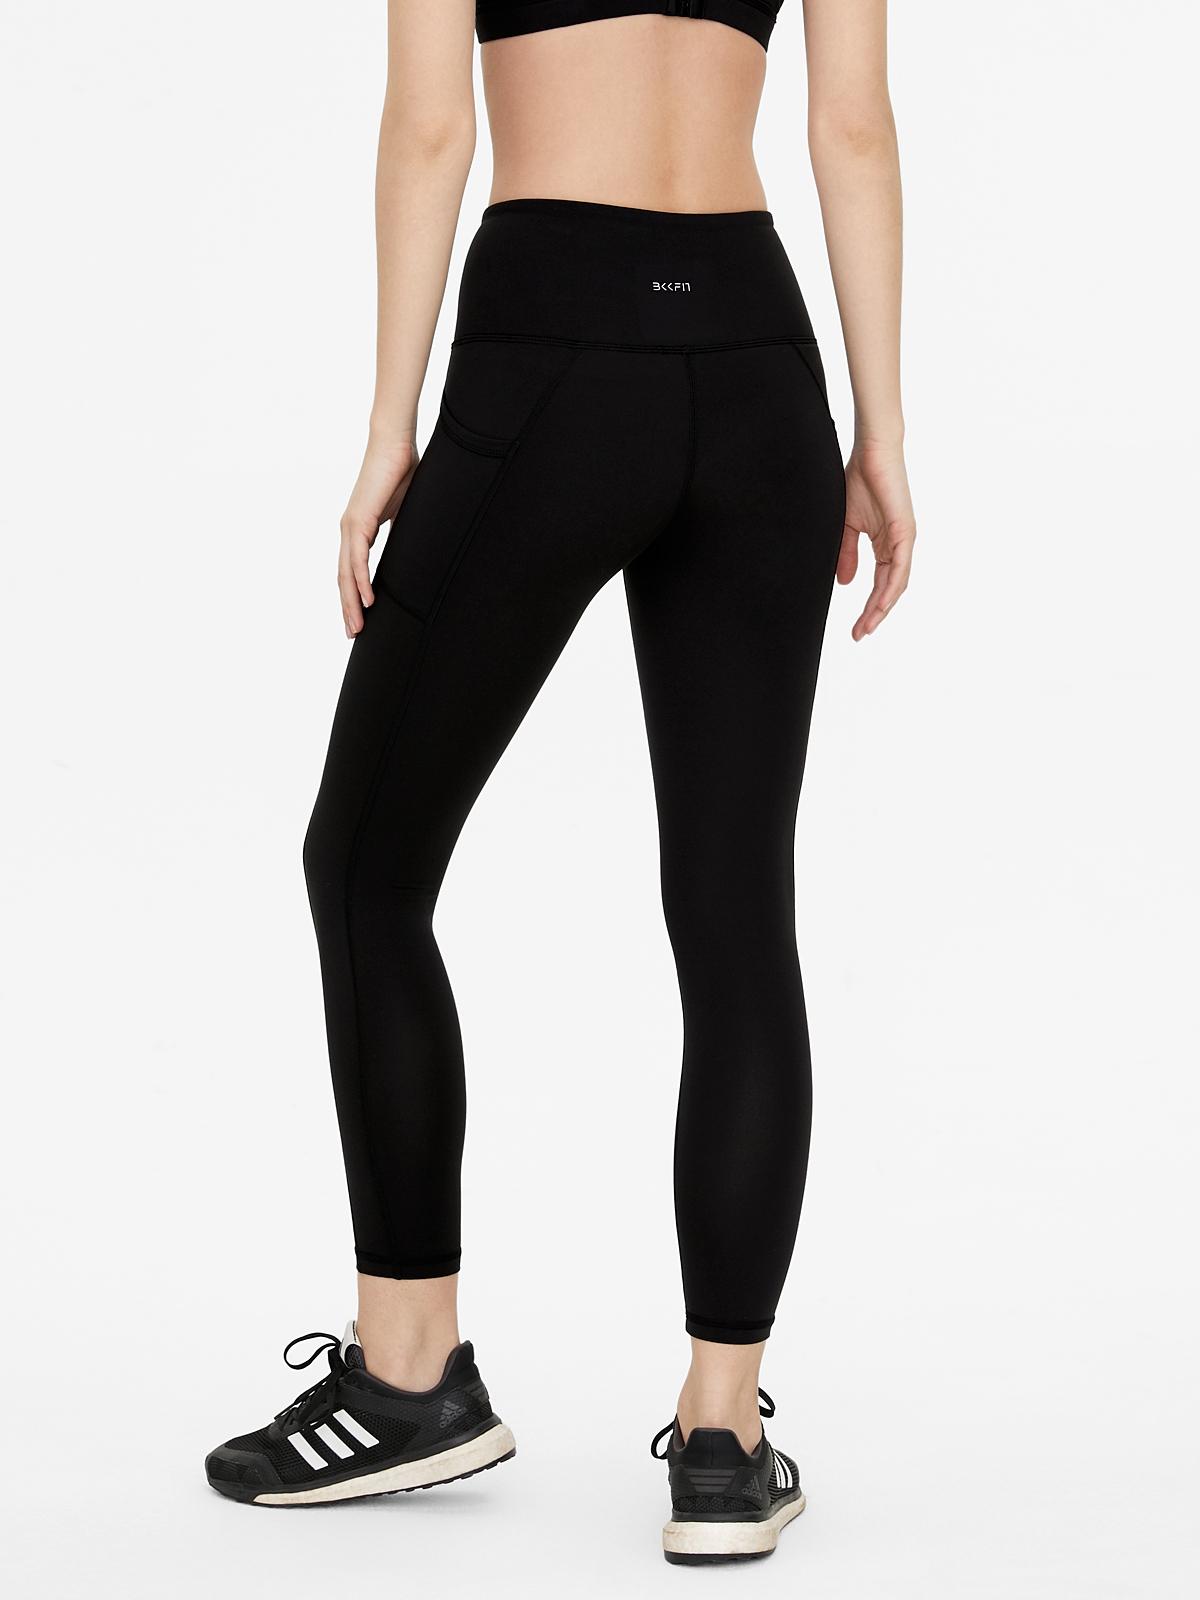 BKKFit Premium V Cut Leggings Black